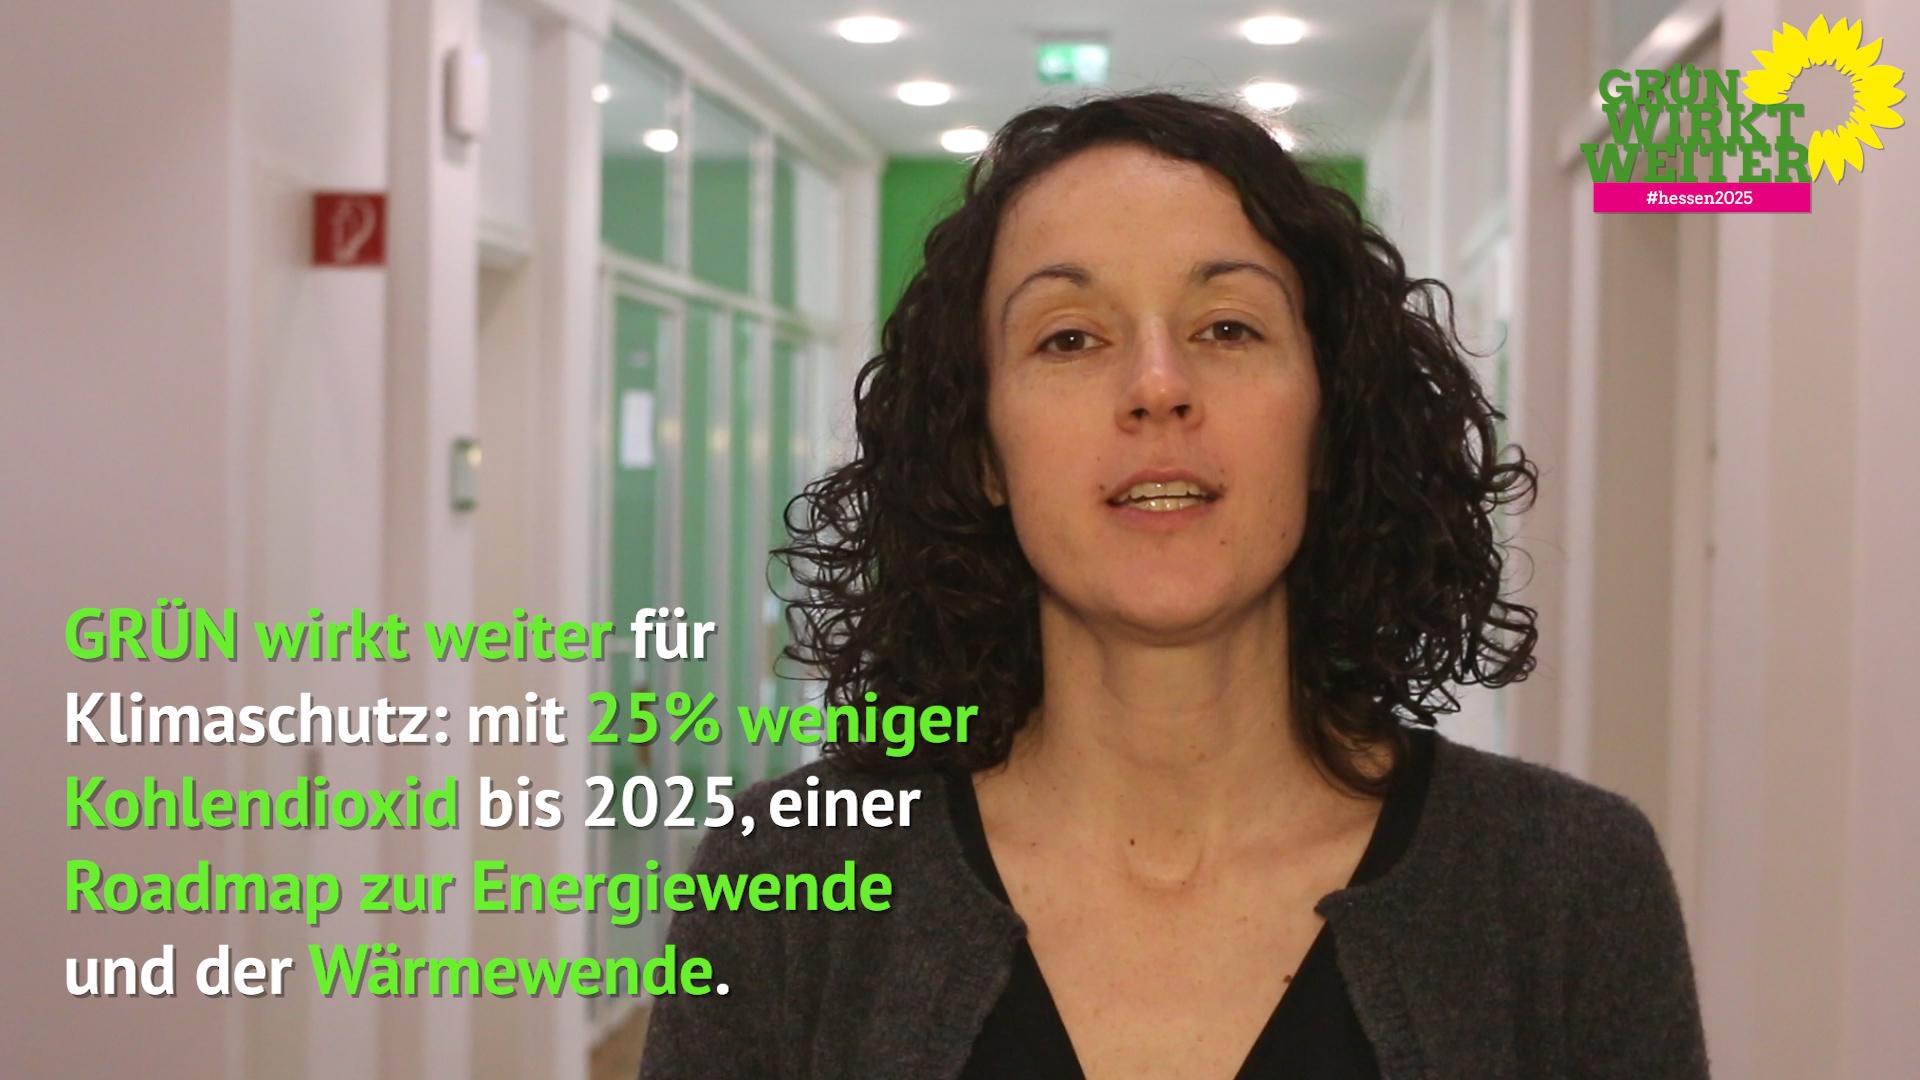 Konzept 4 - Klimaschutz: Vorschaubild Video